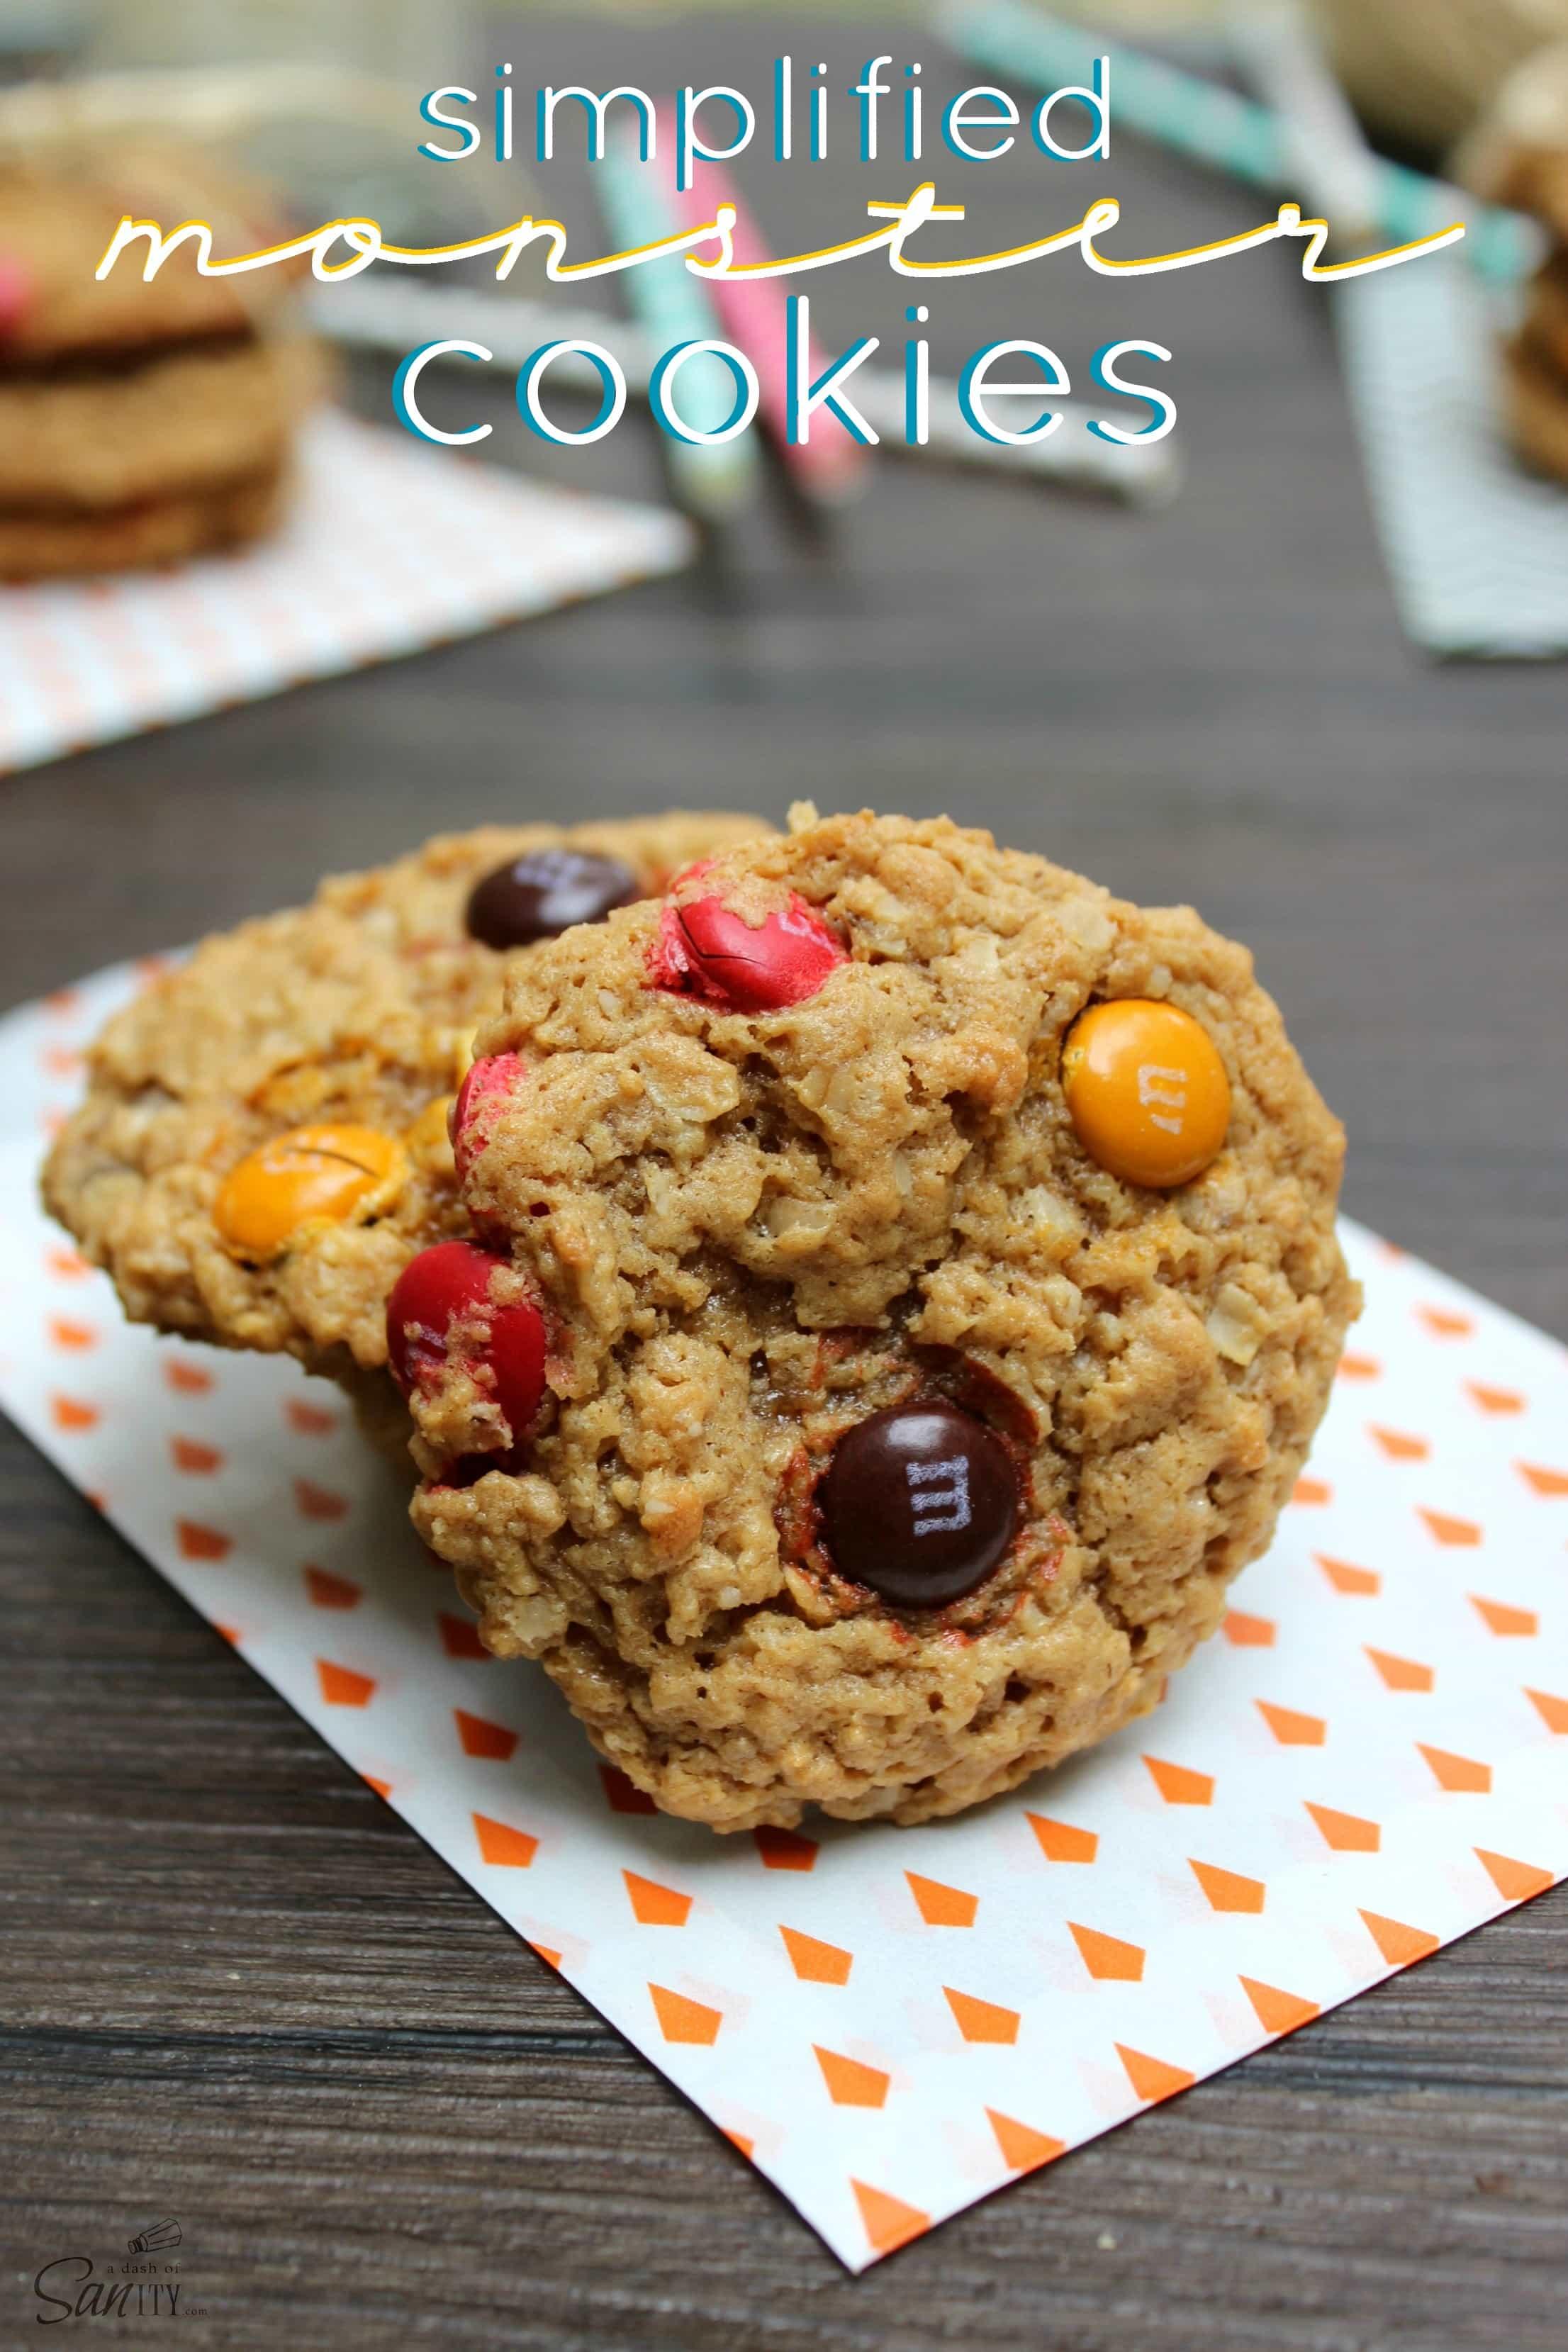 Simplified Monster Cookies